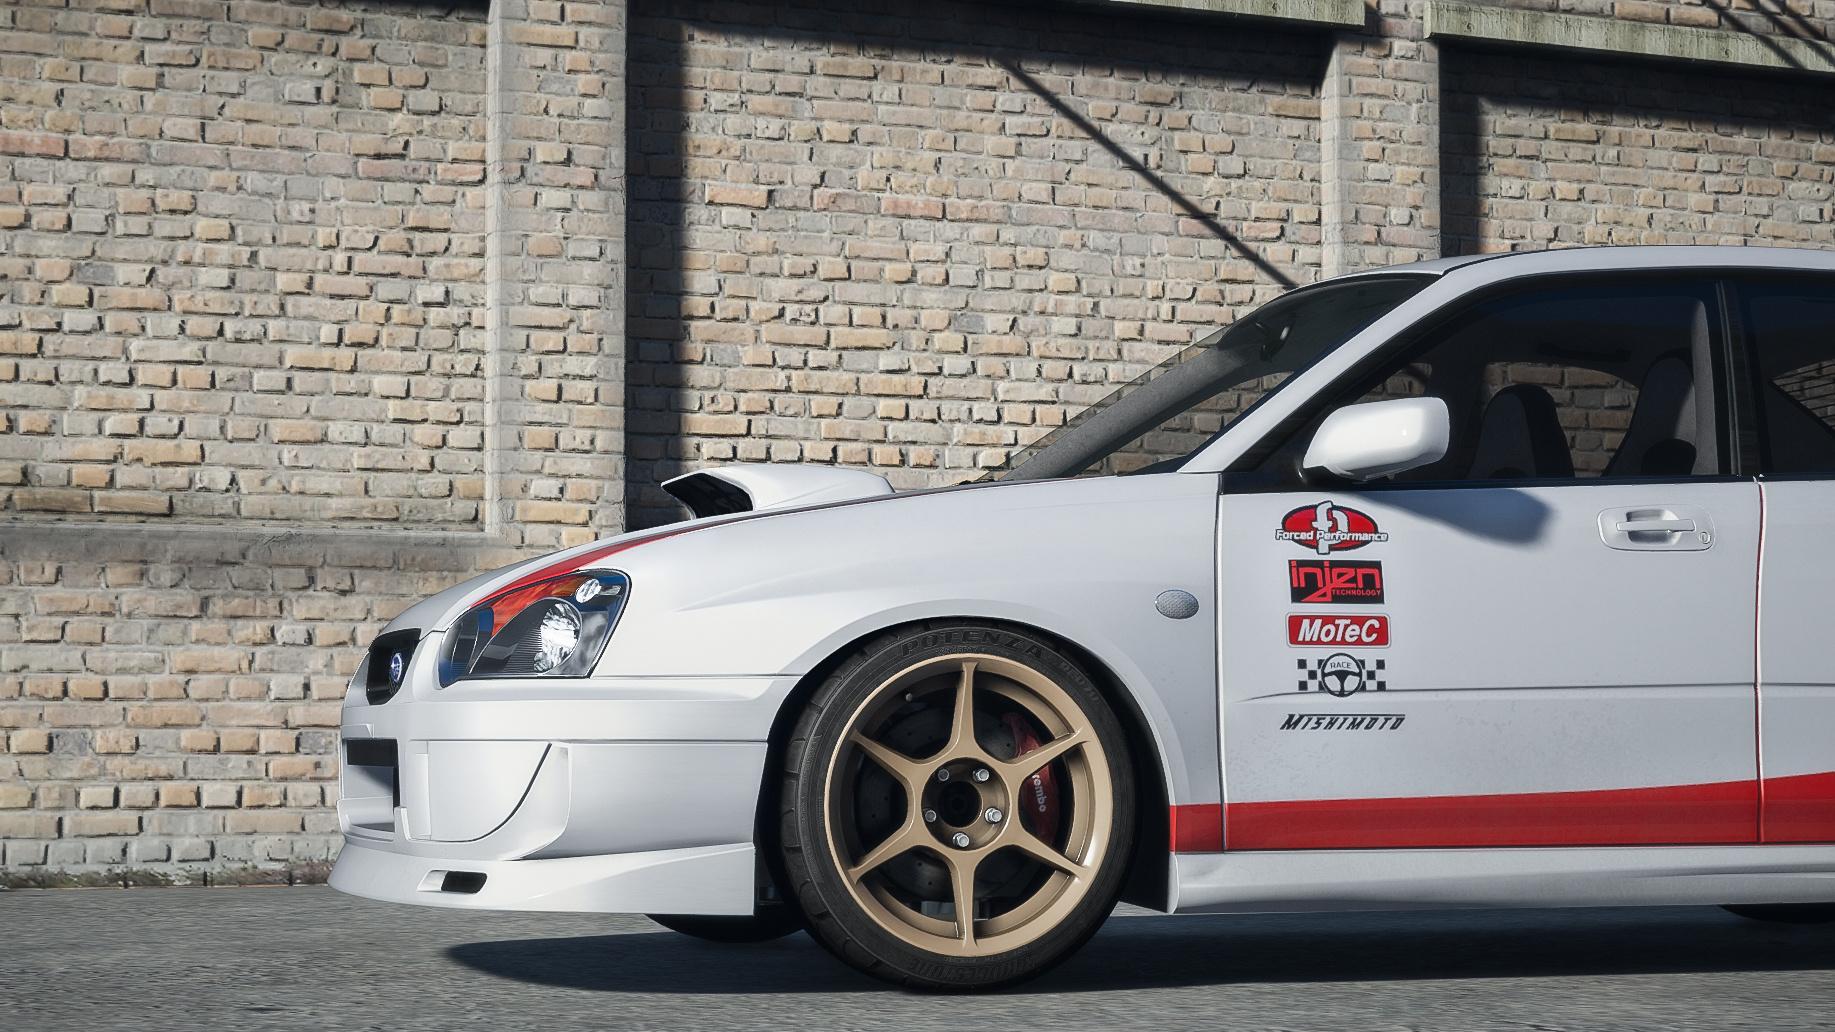 subaru impreza wrx sti 2004 \u0027born to race\u0027 livery gta5 mods com